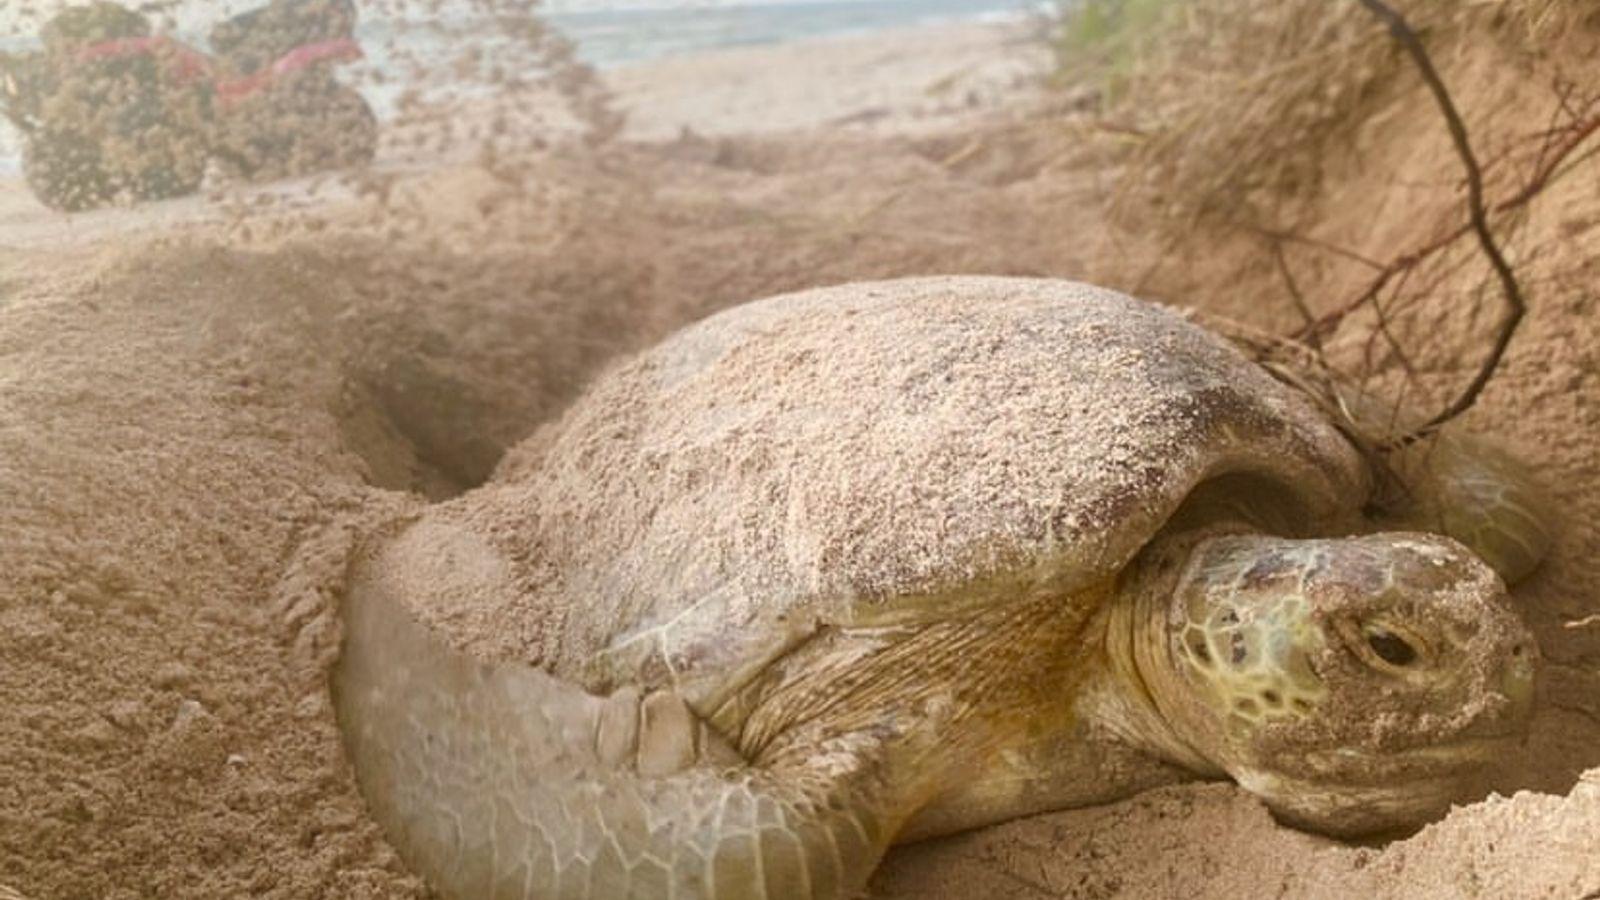 En Floride, une tortue verte recouvre de sable les œufs qu'elle vient de pondre. Des chercheurs ...